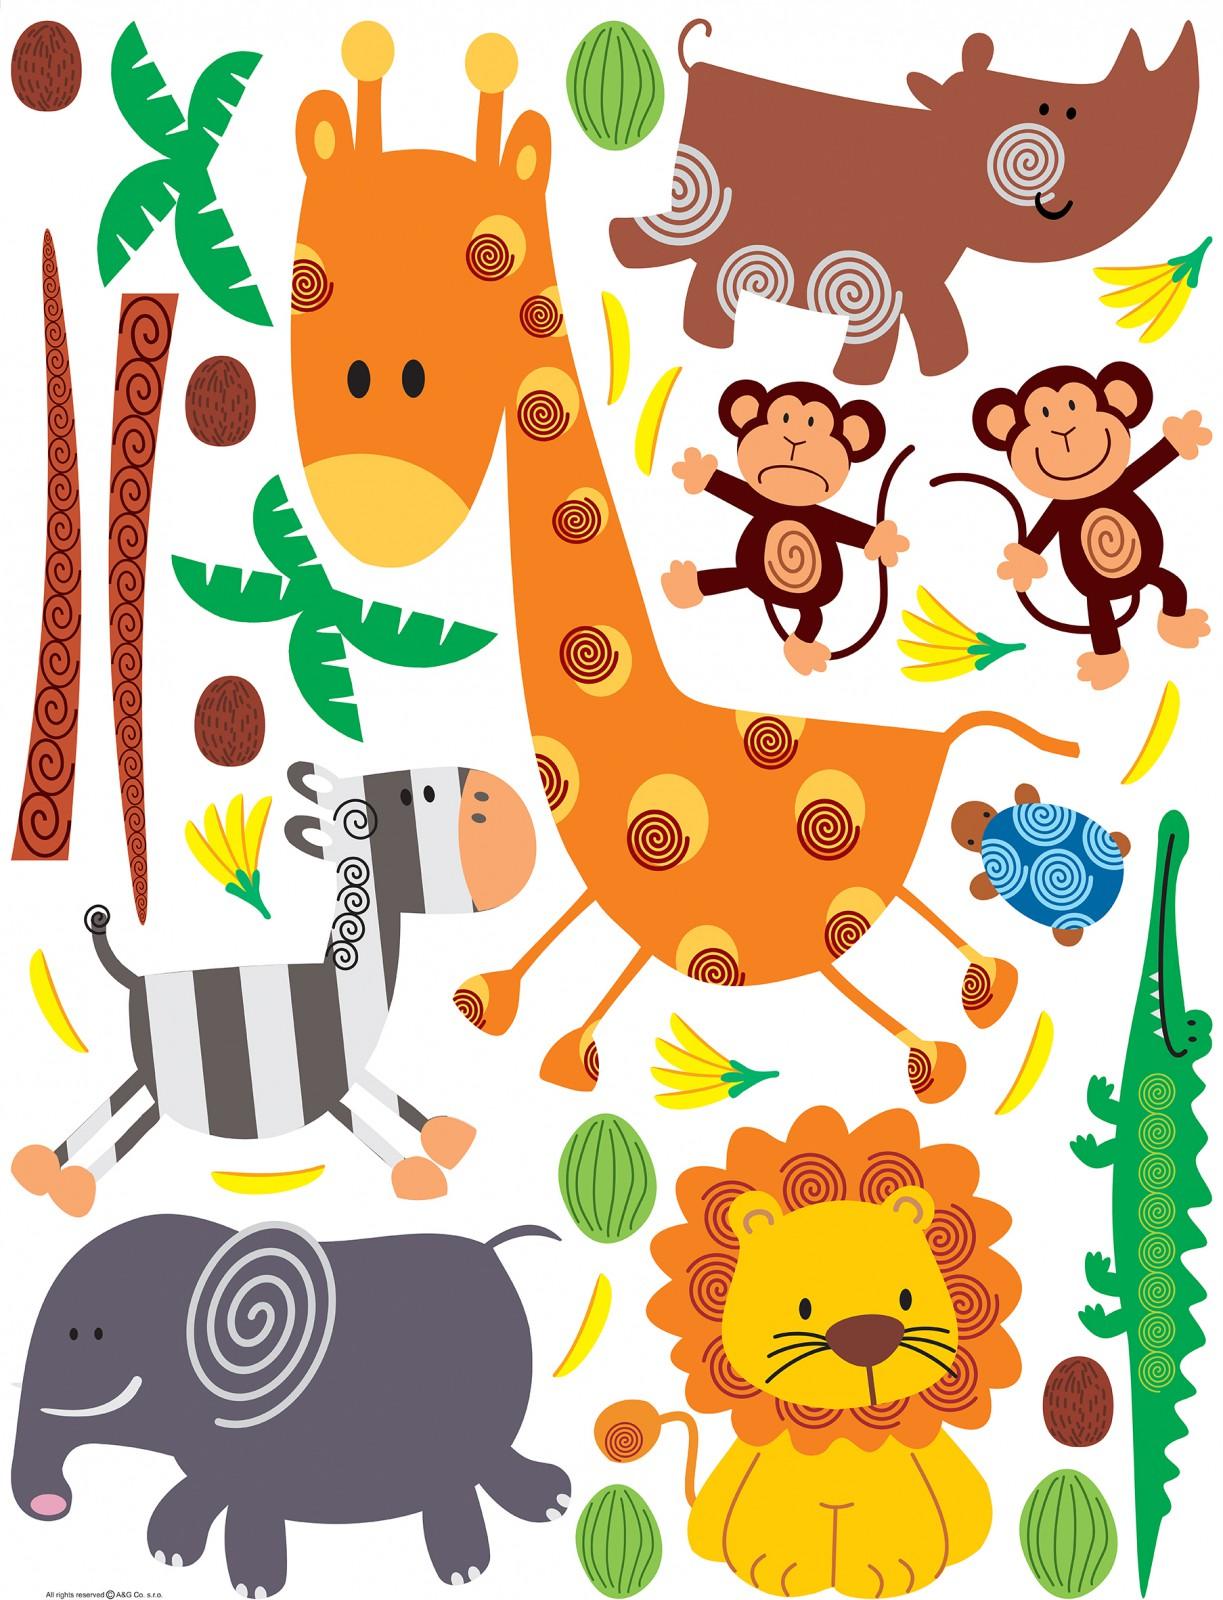 Full Size of Wandtattoo Kinderzimmer Tiere Wandsticker Sticker Zoo 65x85cm Regal Sprüche Wandtattoos Küche Bad Schlafzimmer Sofa Wohnzimmer Weiß Badezimmer Regale Kinderzimmer Wandtattoo Kinderzimmer Tiere